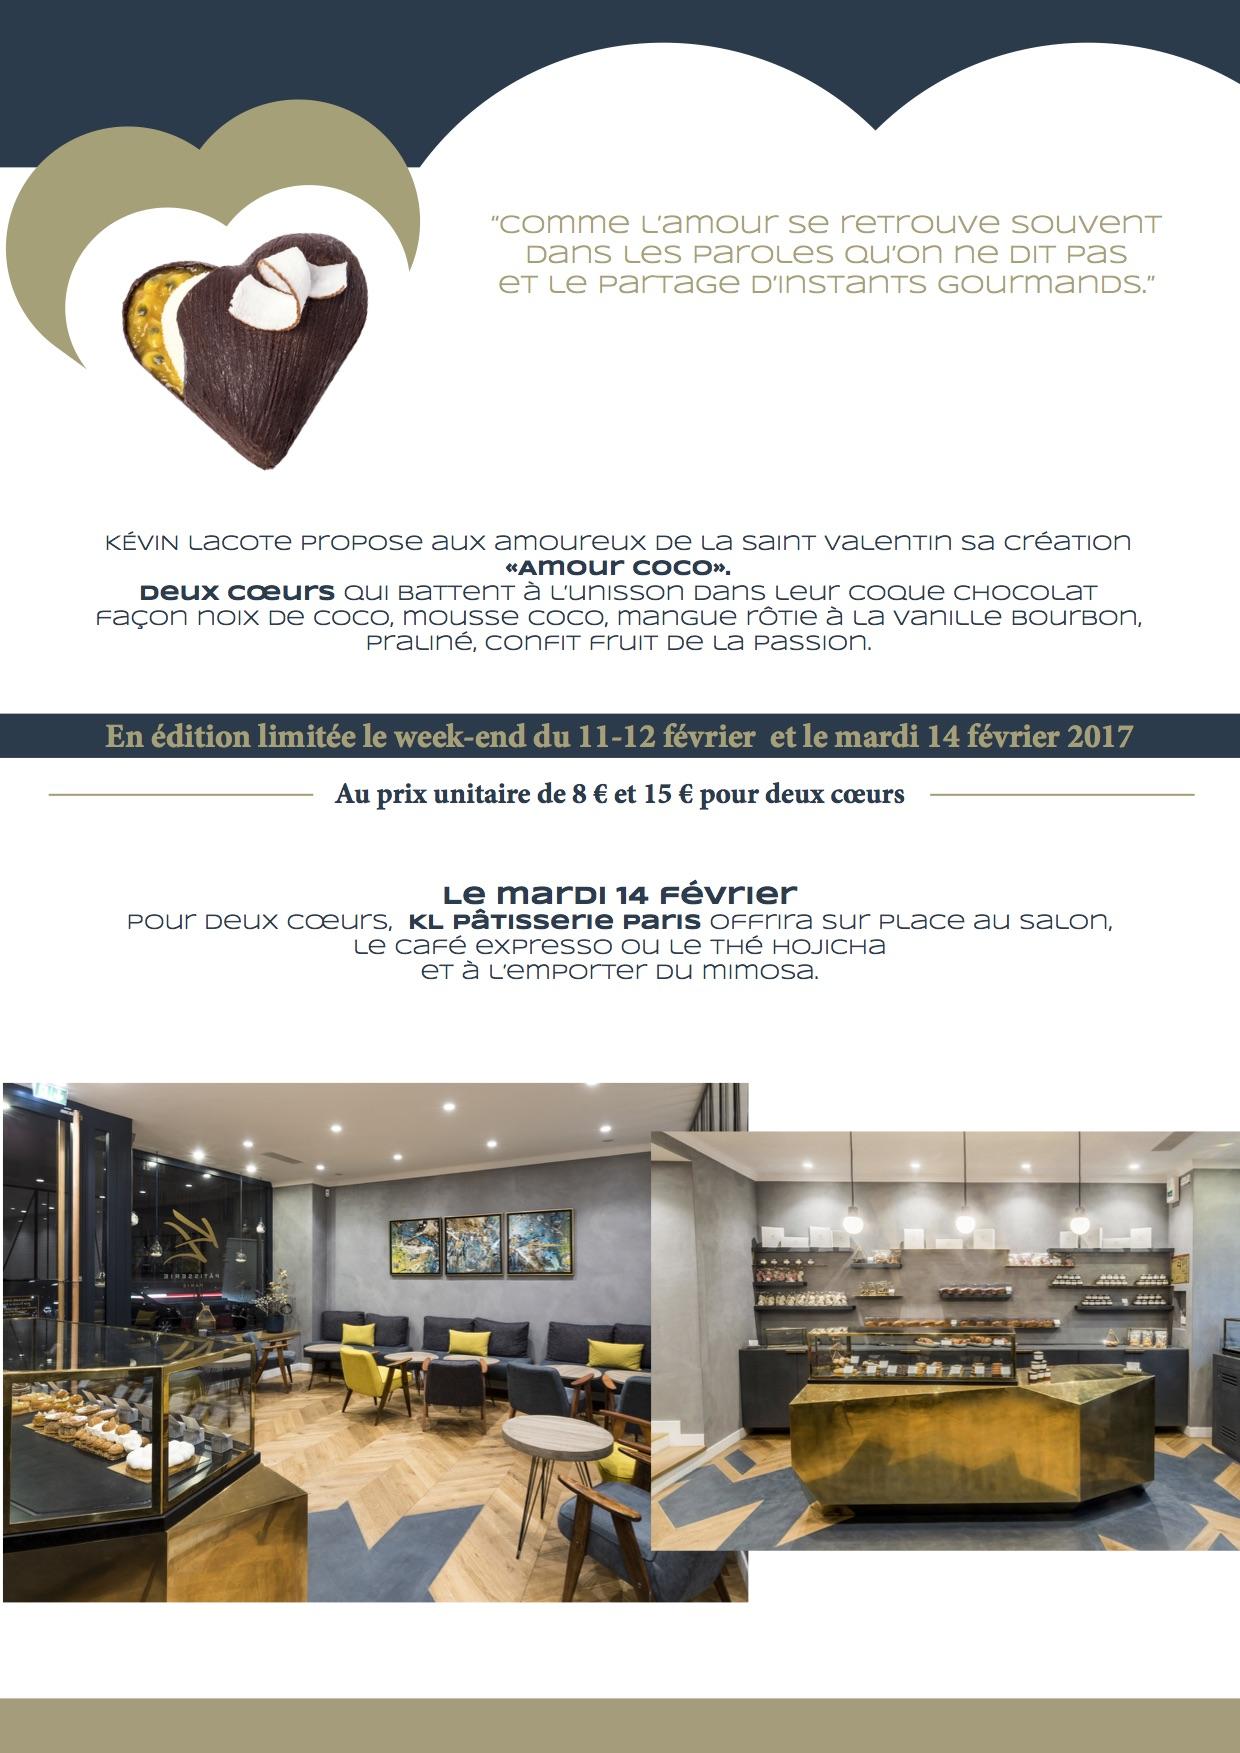 KL Pâtisserie Paris - CP